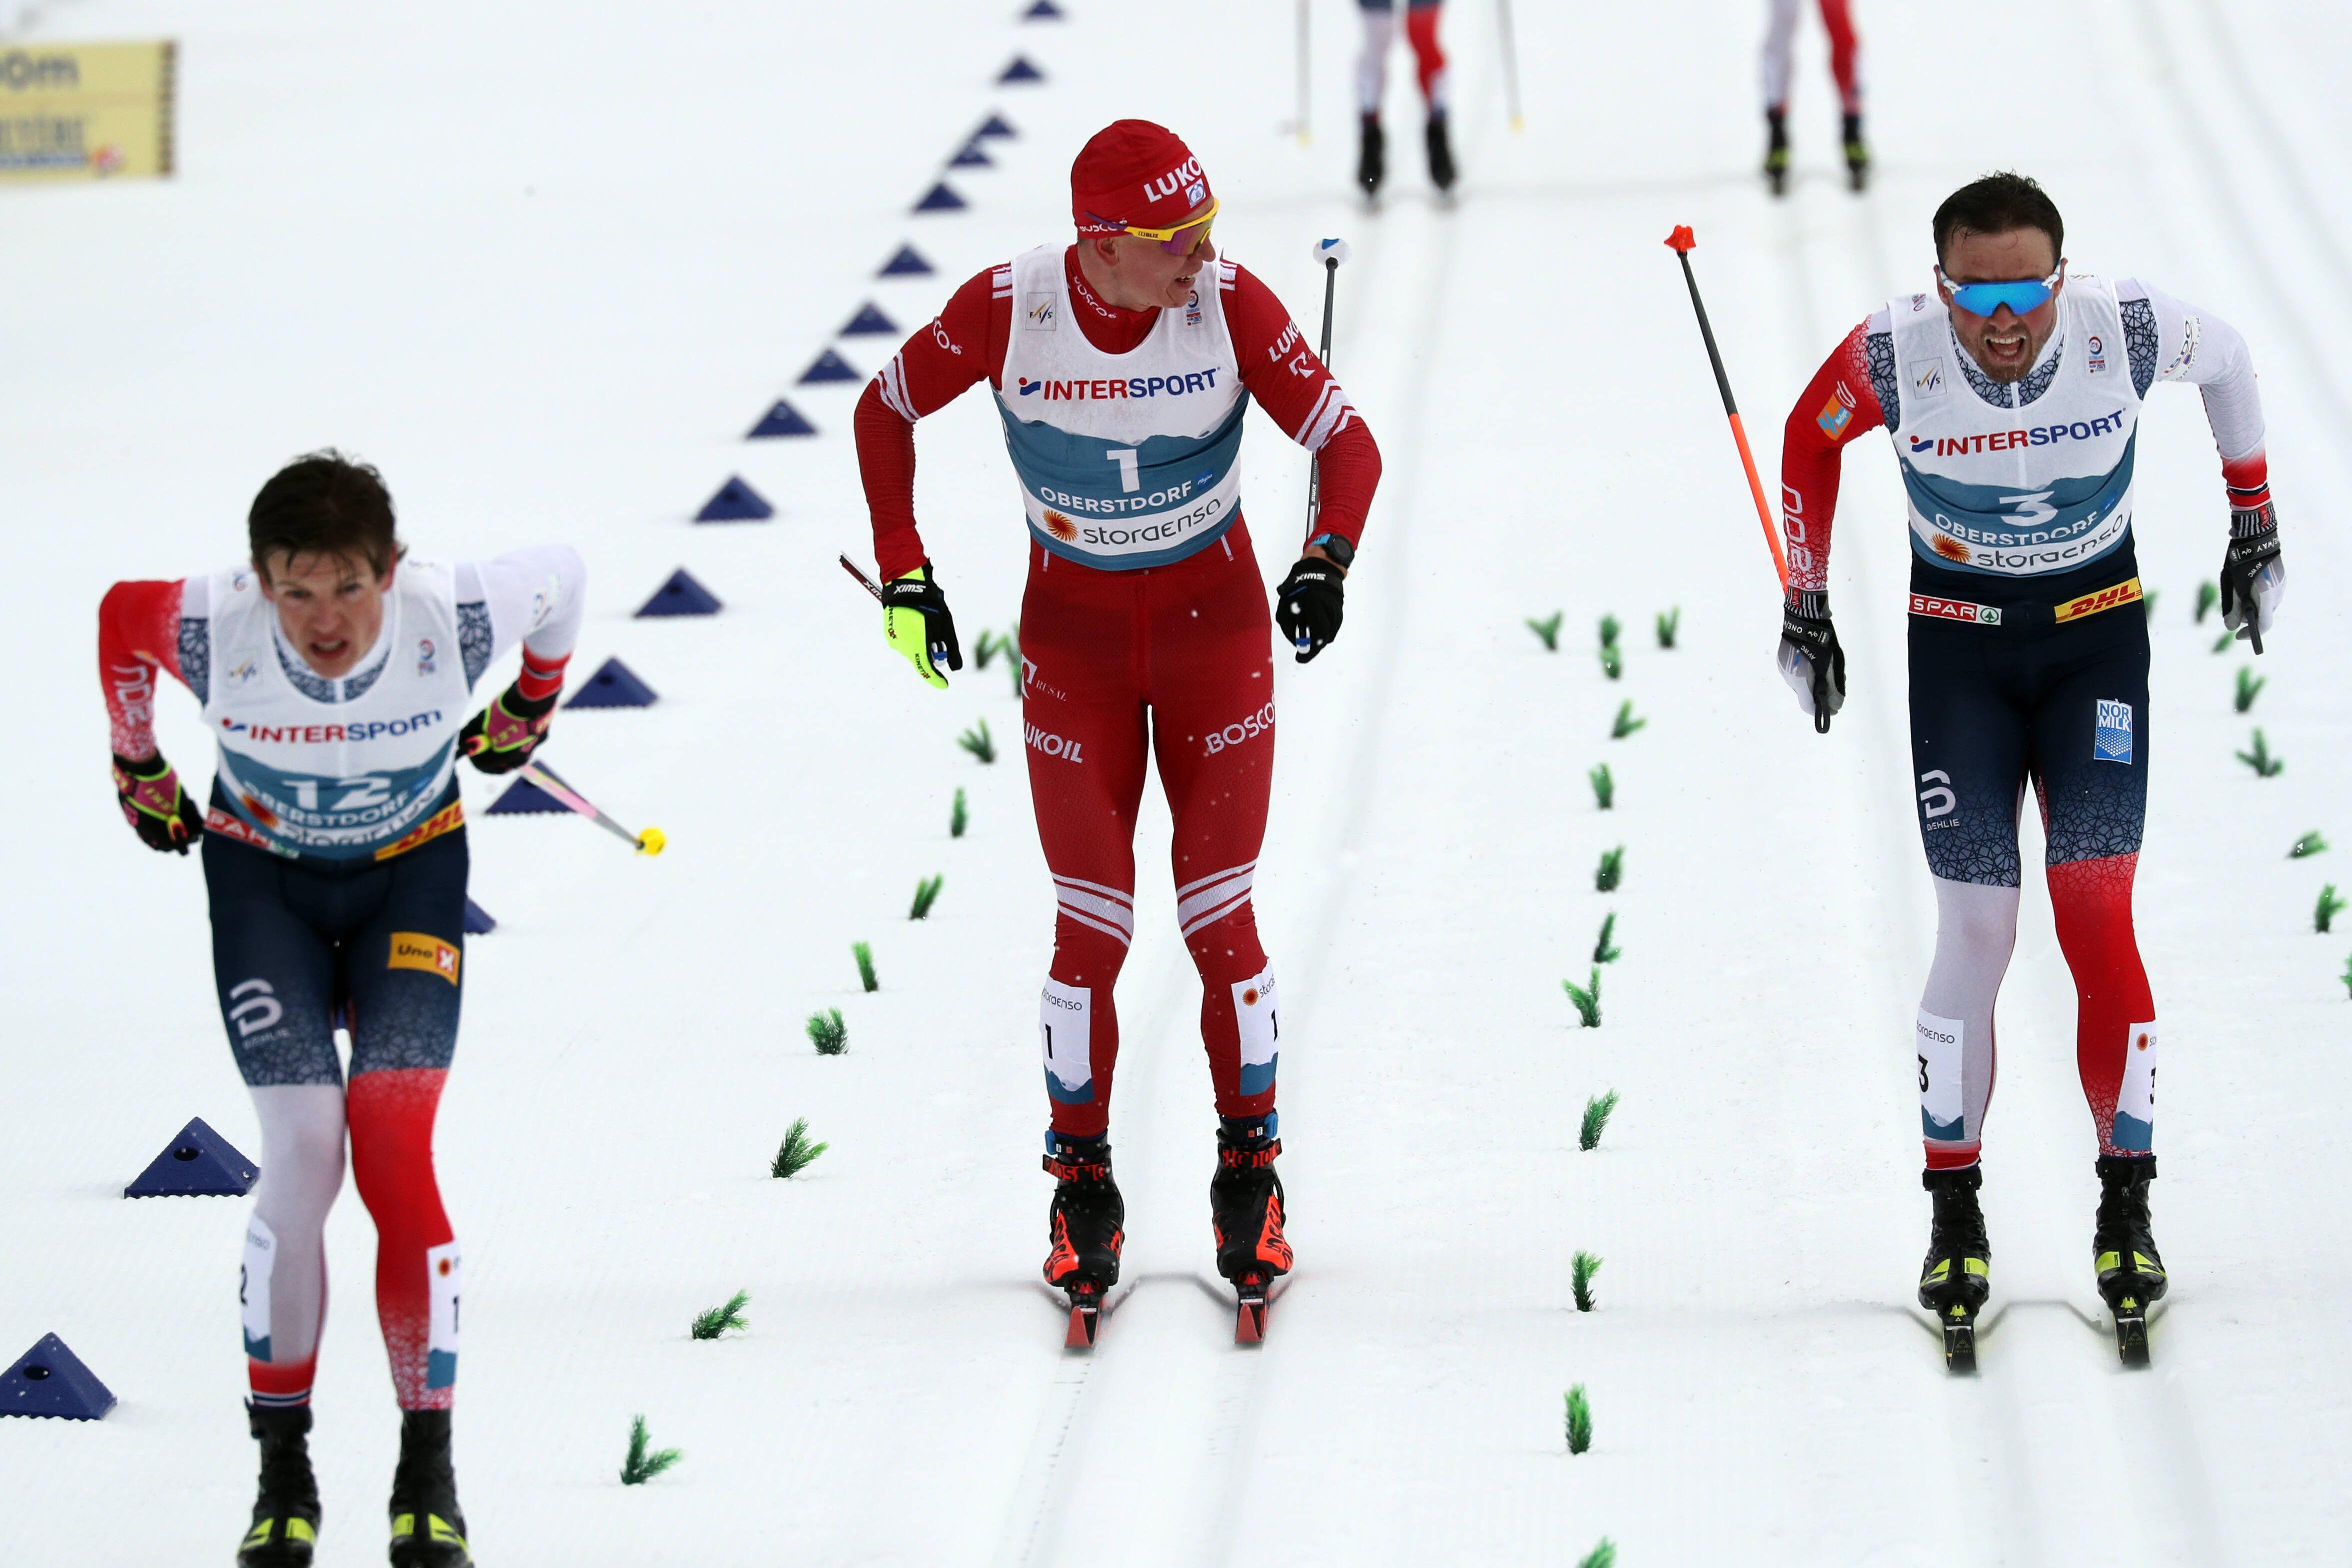 Вокуев: 'Происходит популяризация Большунова, а не лыжных гонок'